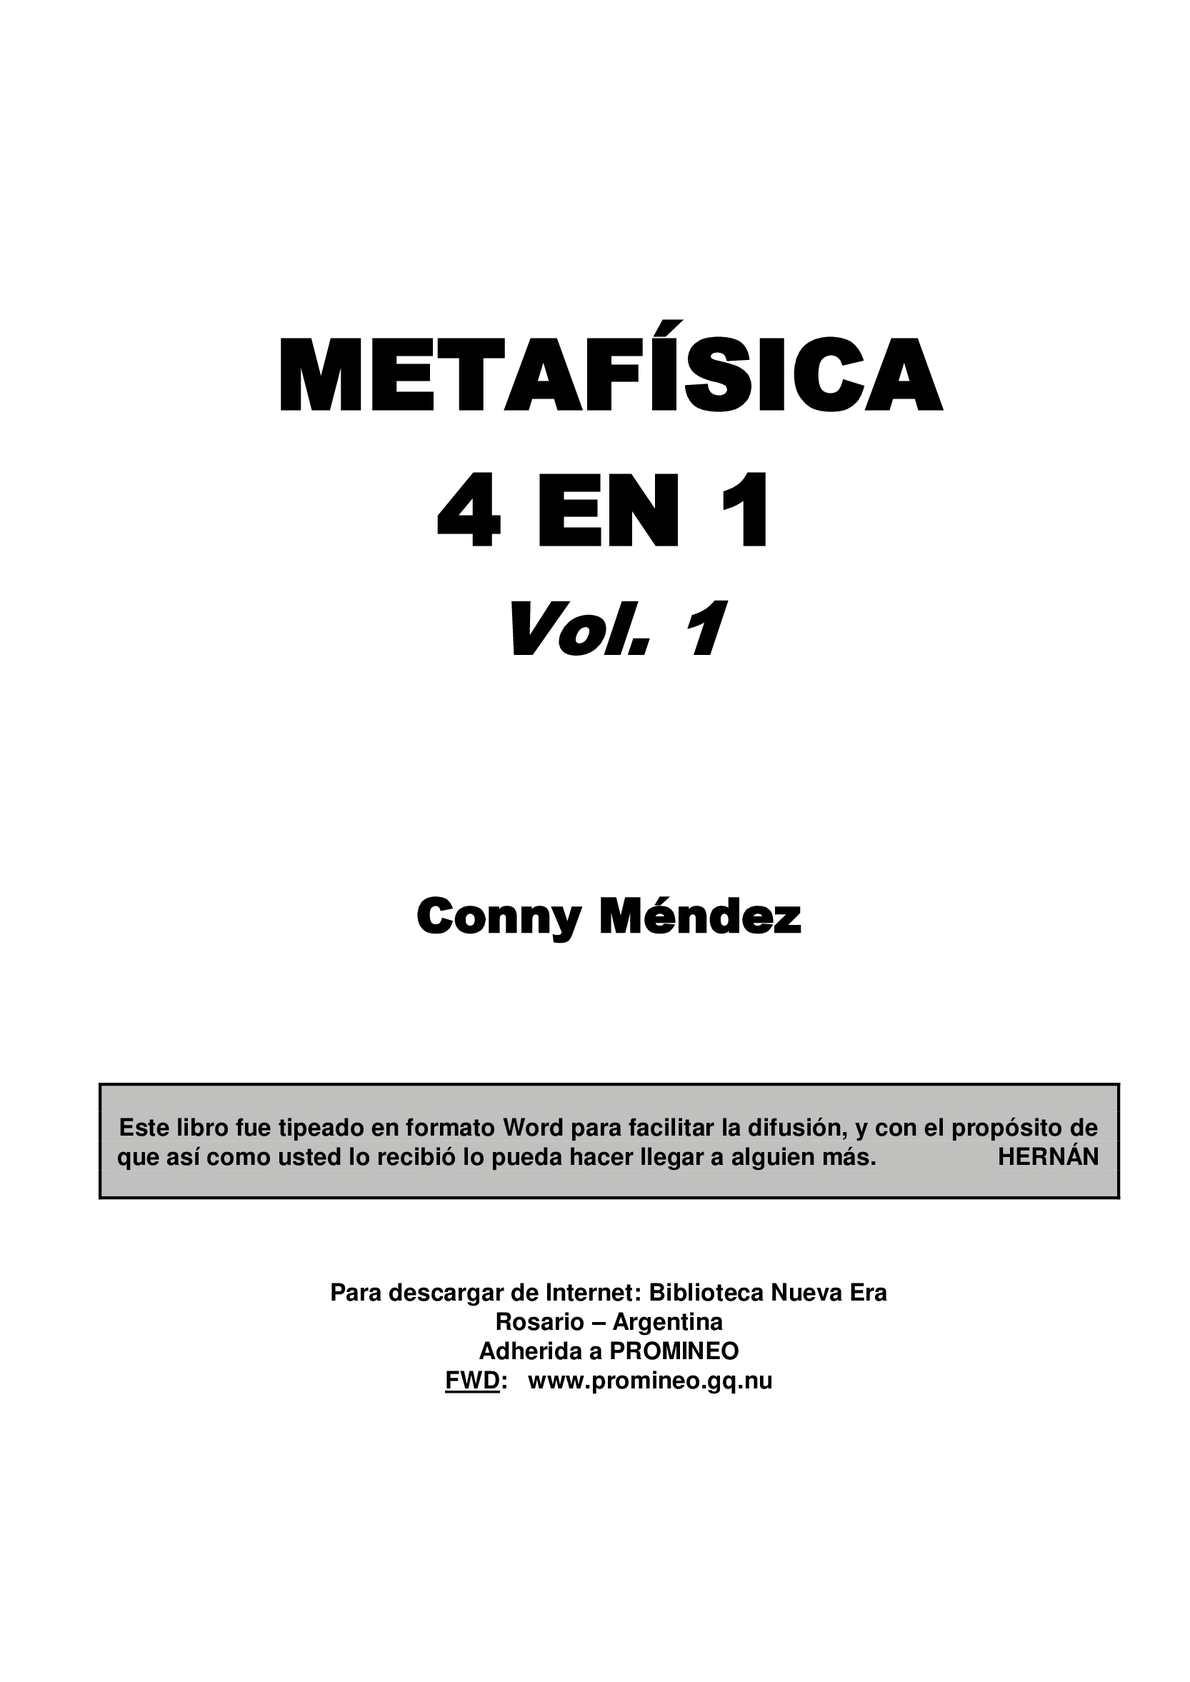 Calaméo - Metafísica 4 en 1- Volumen 1